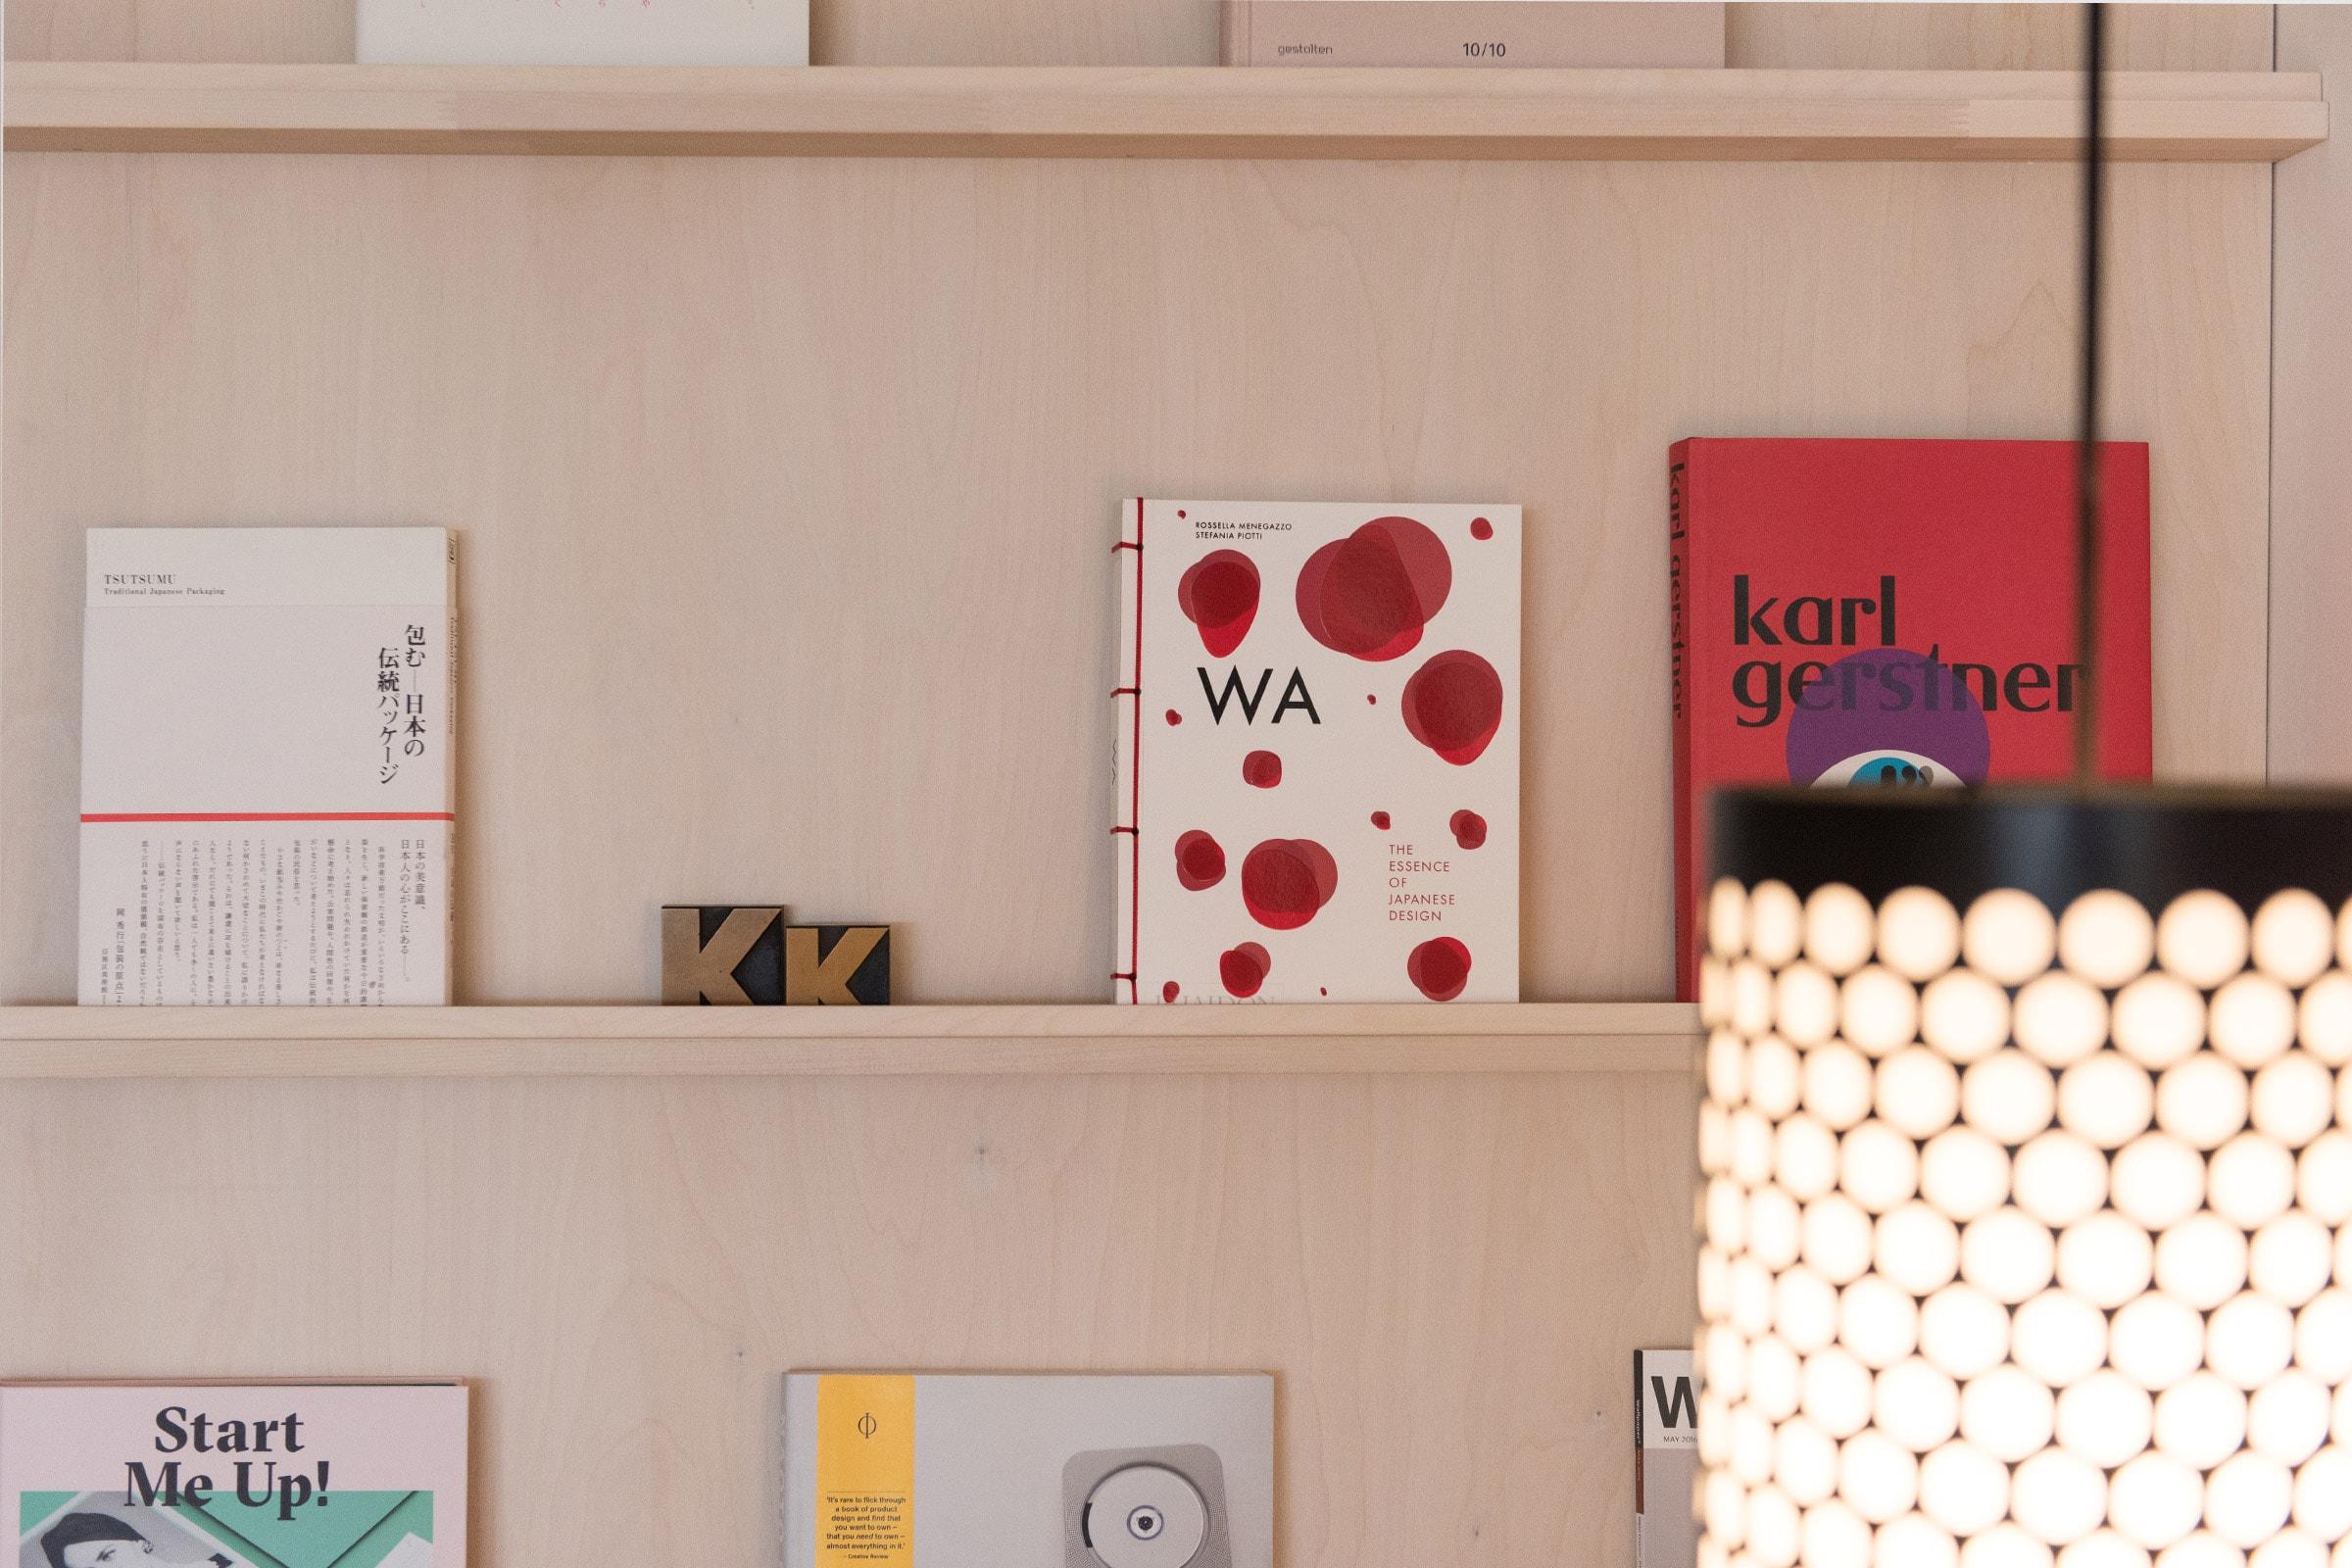 KittoKatsu, Büro, Agentur für Markenführung, Agentur für Design, Bücherregal